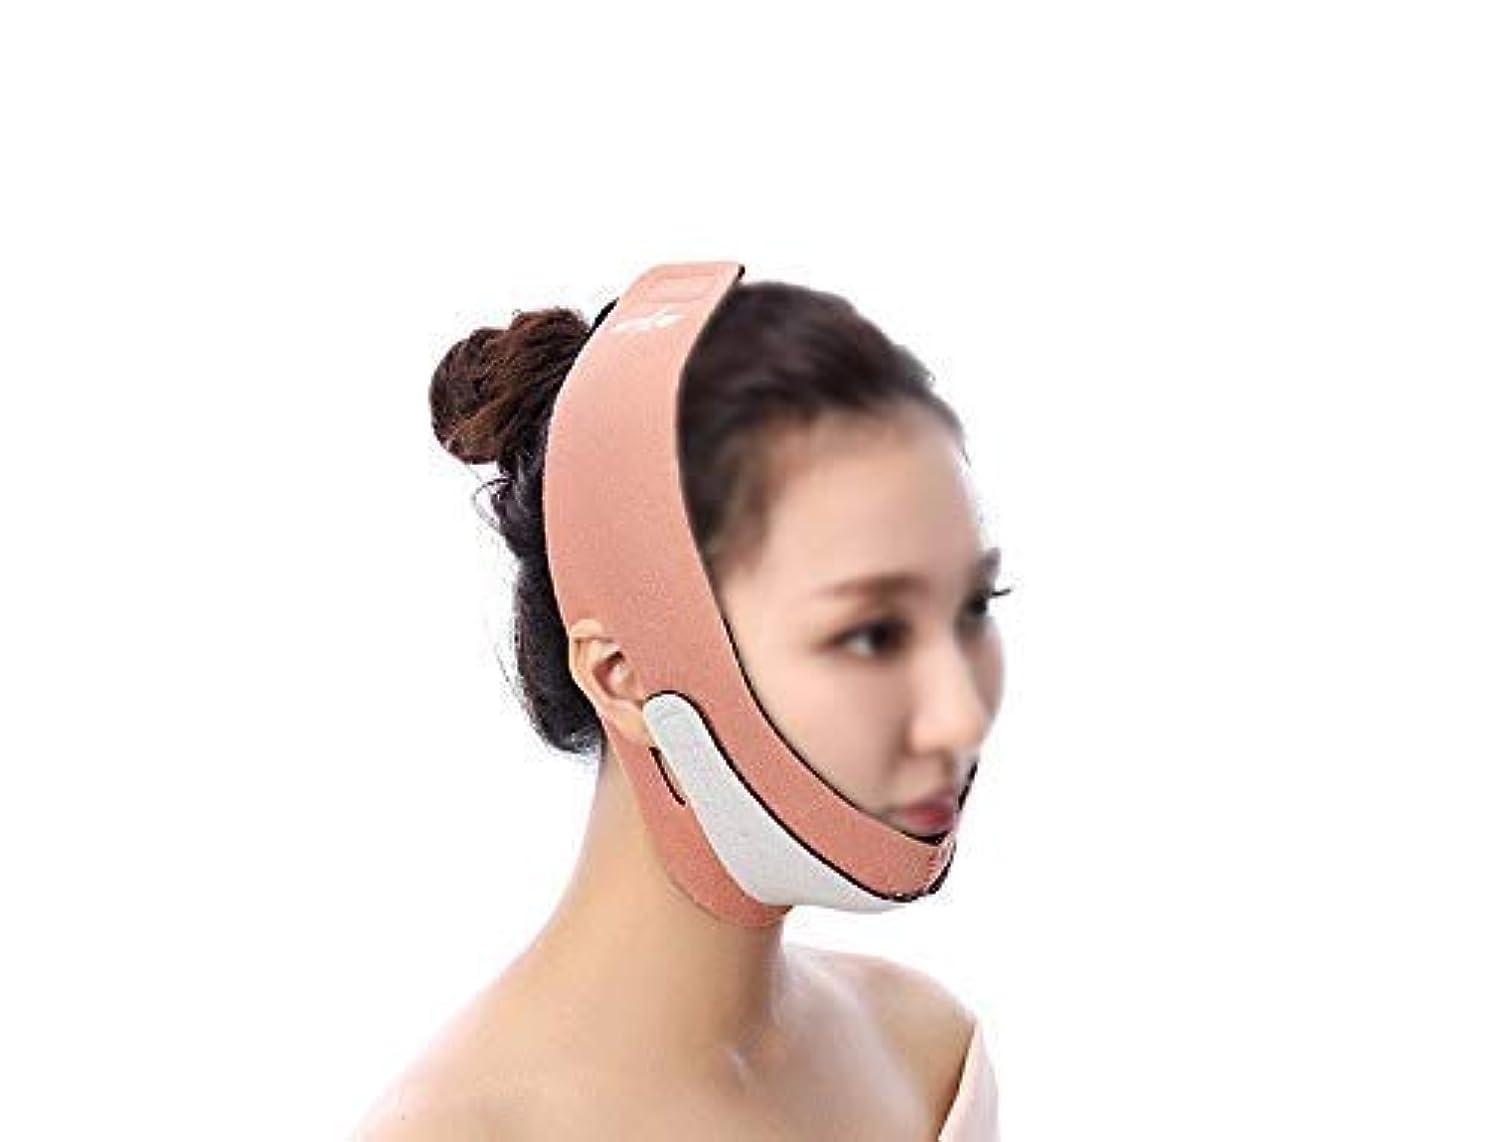 ありがたいご予約ナチュラ顔のマッサージ師の二重あごの包帯ベルトを細くするヘルスケアの薄い顔のマスク